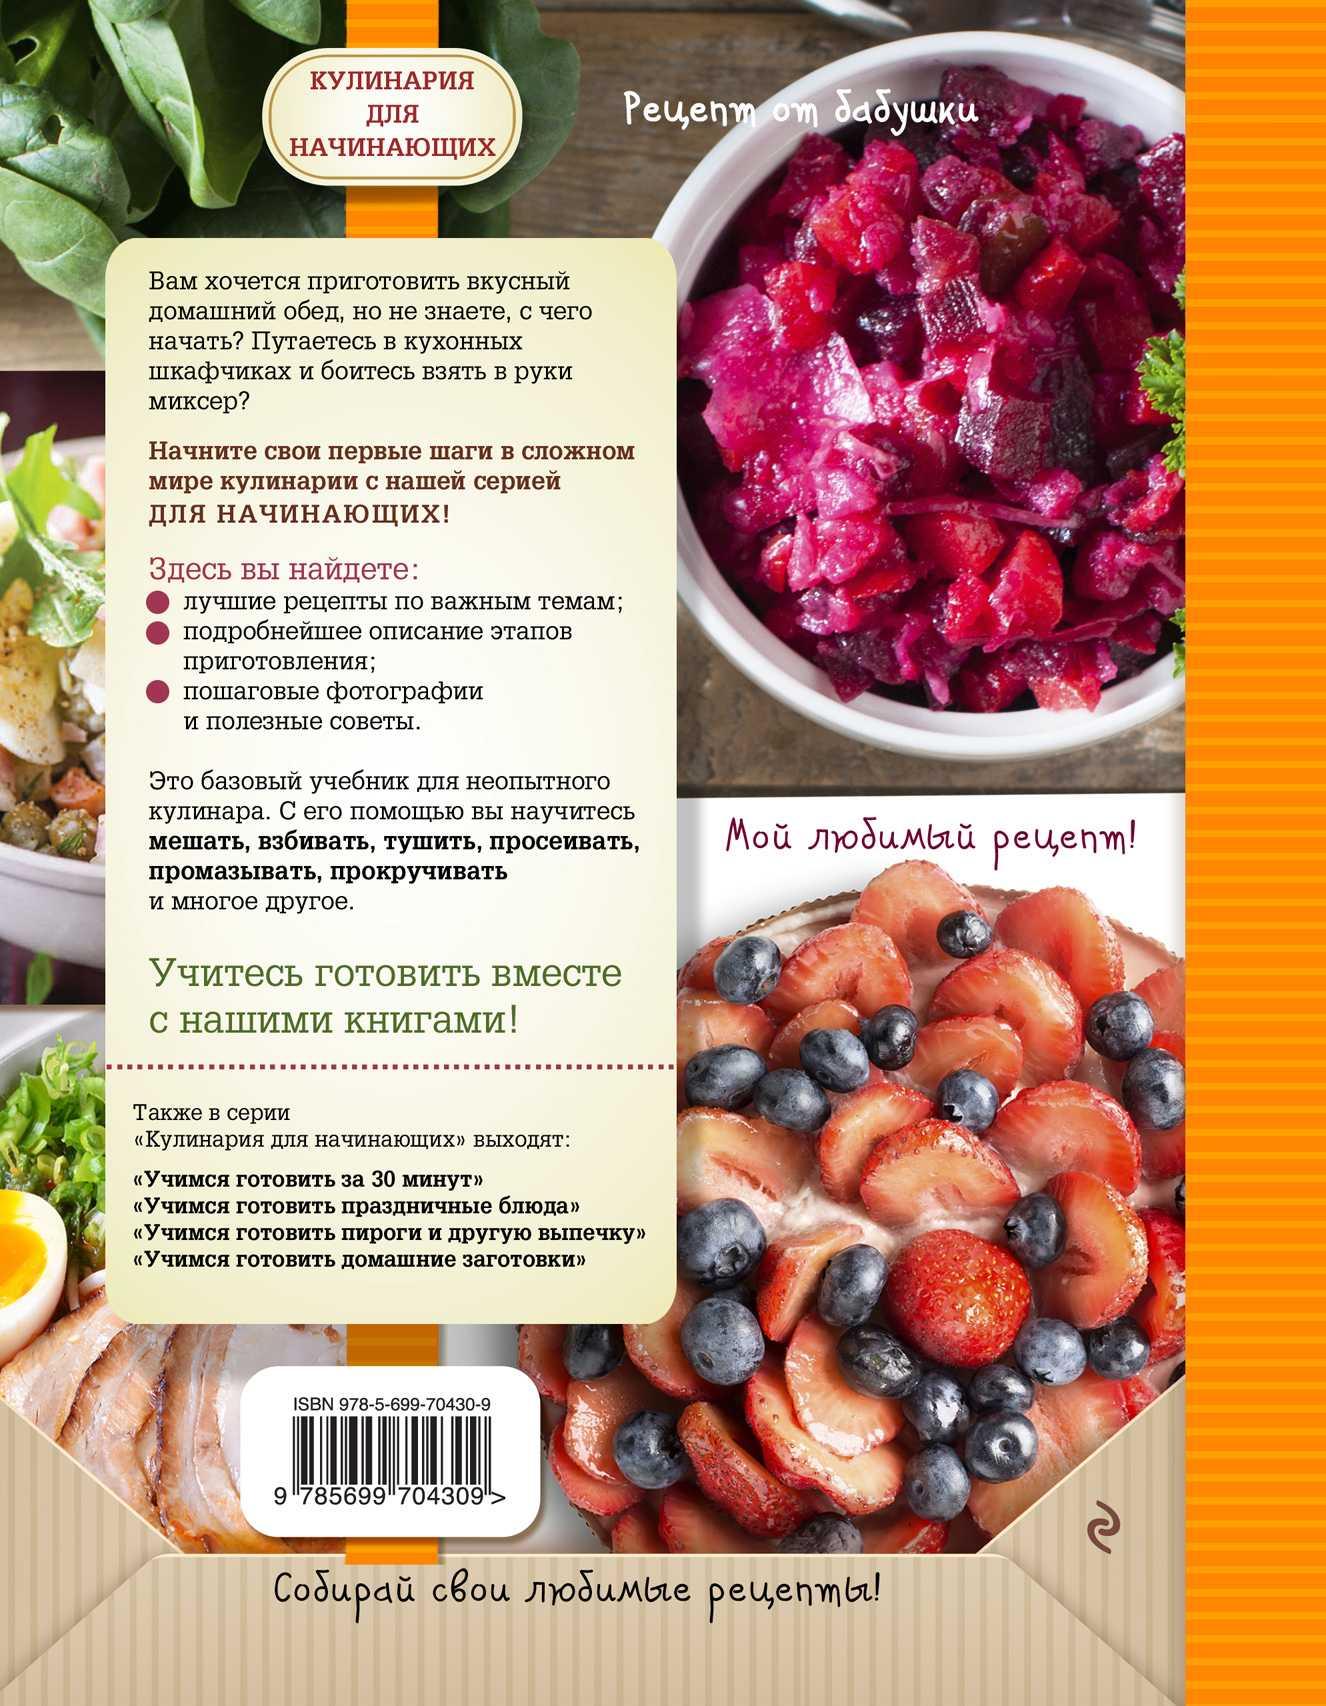 Осенний гриб: рецепт салата с курицей и грибами в виде грибочка